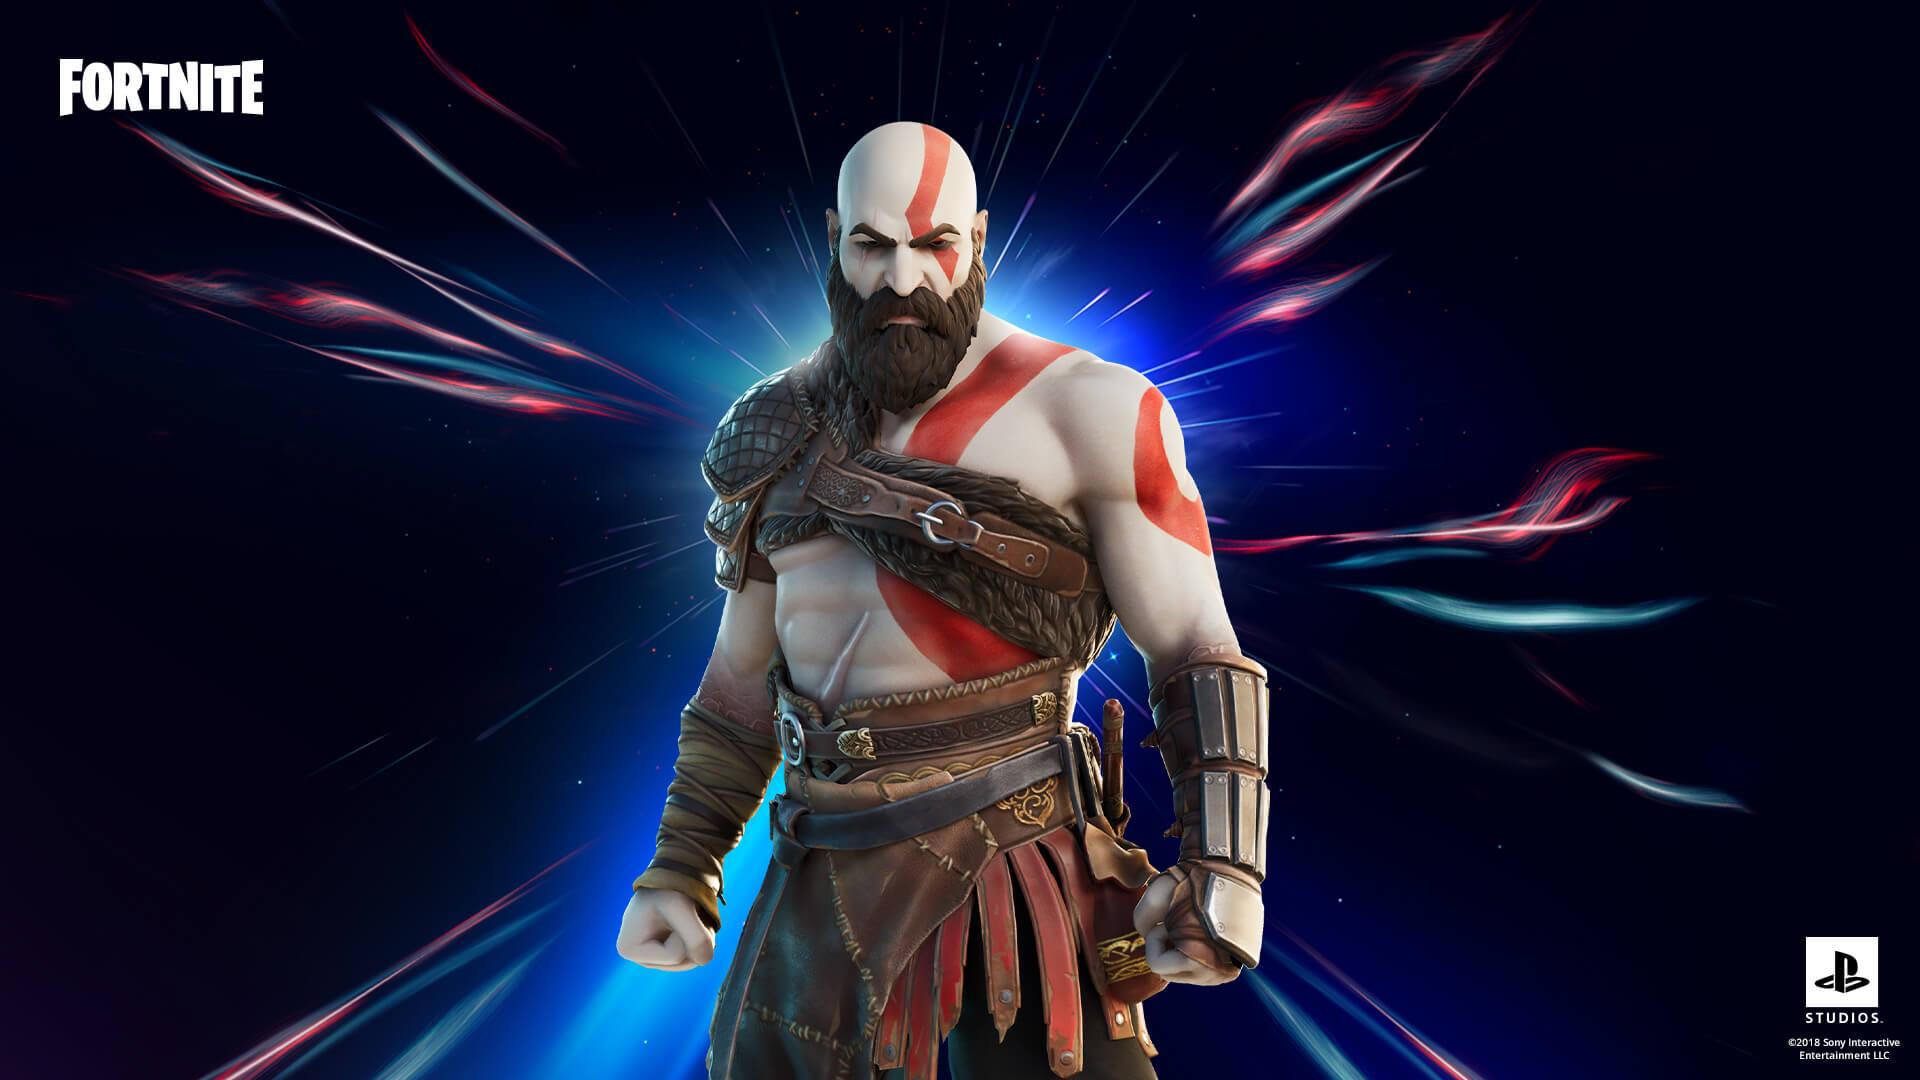 Para quem está acostumado a lutar contra deuses gregos e nórdicos, uma vitória vai ser moleza no Fortnite com a skin do Kratos (Foto: Epic Games).